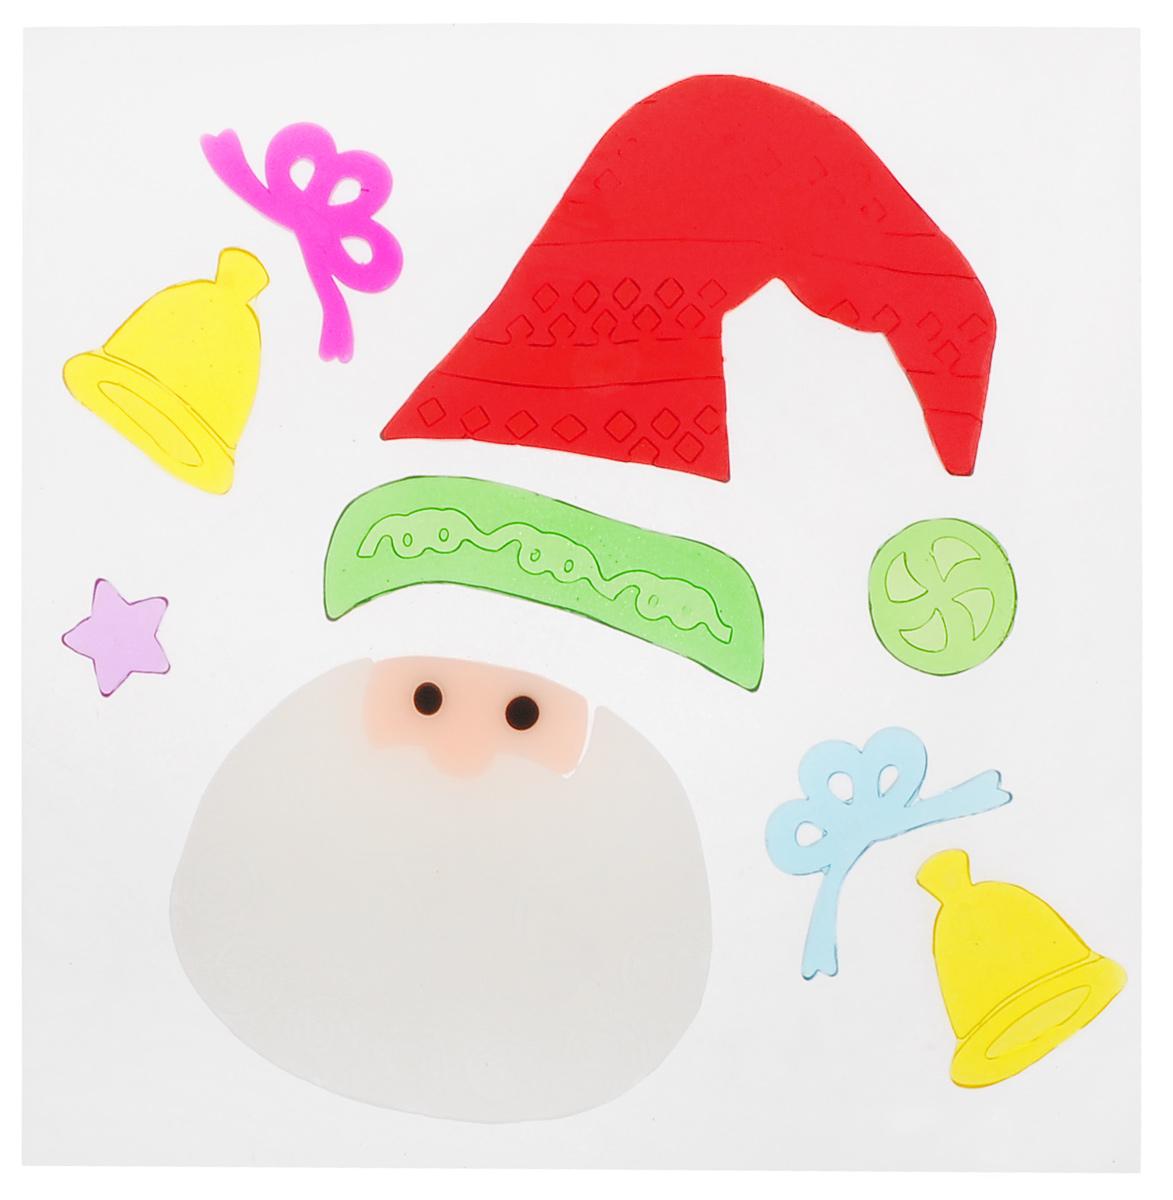 Новогоднее оконное украшение EuroHouse Аппликация. Санта, 9 шт64503Новогоднее оконное украшение EuroHouse Аппликация. Санта поможет украсить дом к предстоящим праздникам. Наклейки изготовлены из термопластика и выполнены в виде колокольчиков, колпака и лица Санта-Клауса, звезды.С помощью этих украшений вы сможете оживить интерьер по своему вкусу, наклеить их на окно или на зеркало.Новогодние украшения всегда несут в себе волшебство и красоту праздника. Создайте в своем доме атмосферу тепла, веселья и радости, украшая его всей семьей. Размер самой большой наклейки: 9,2 см х 7,5 см. Размер самой маленькой наклейки: 2 см х 2 см.